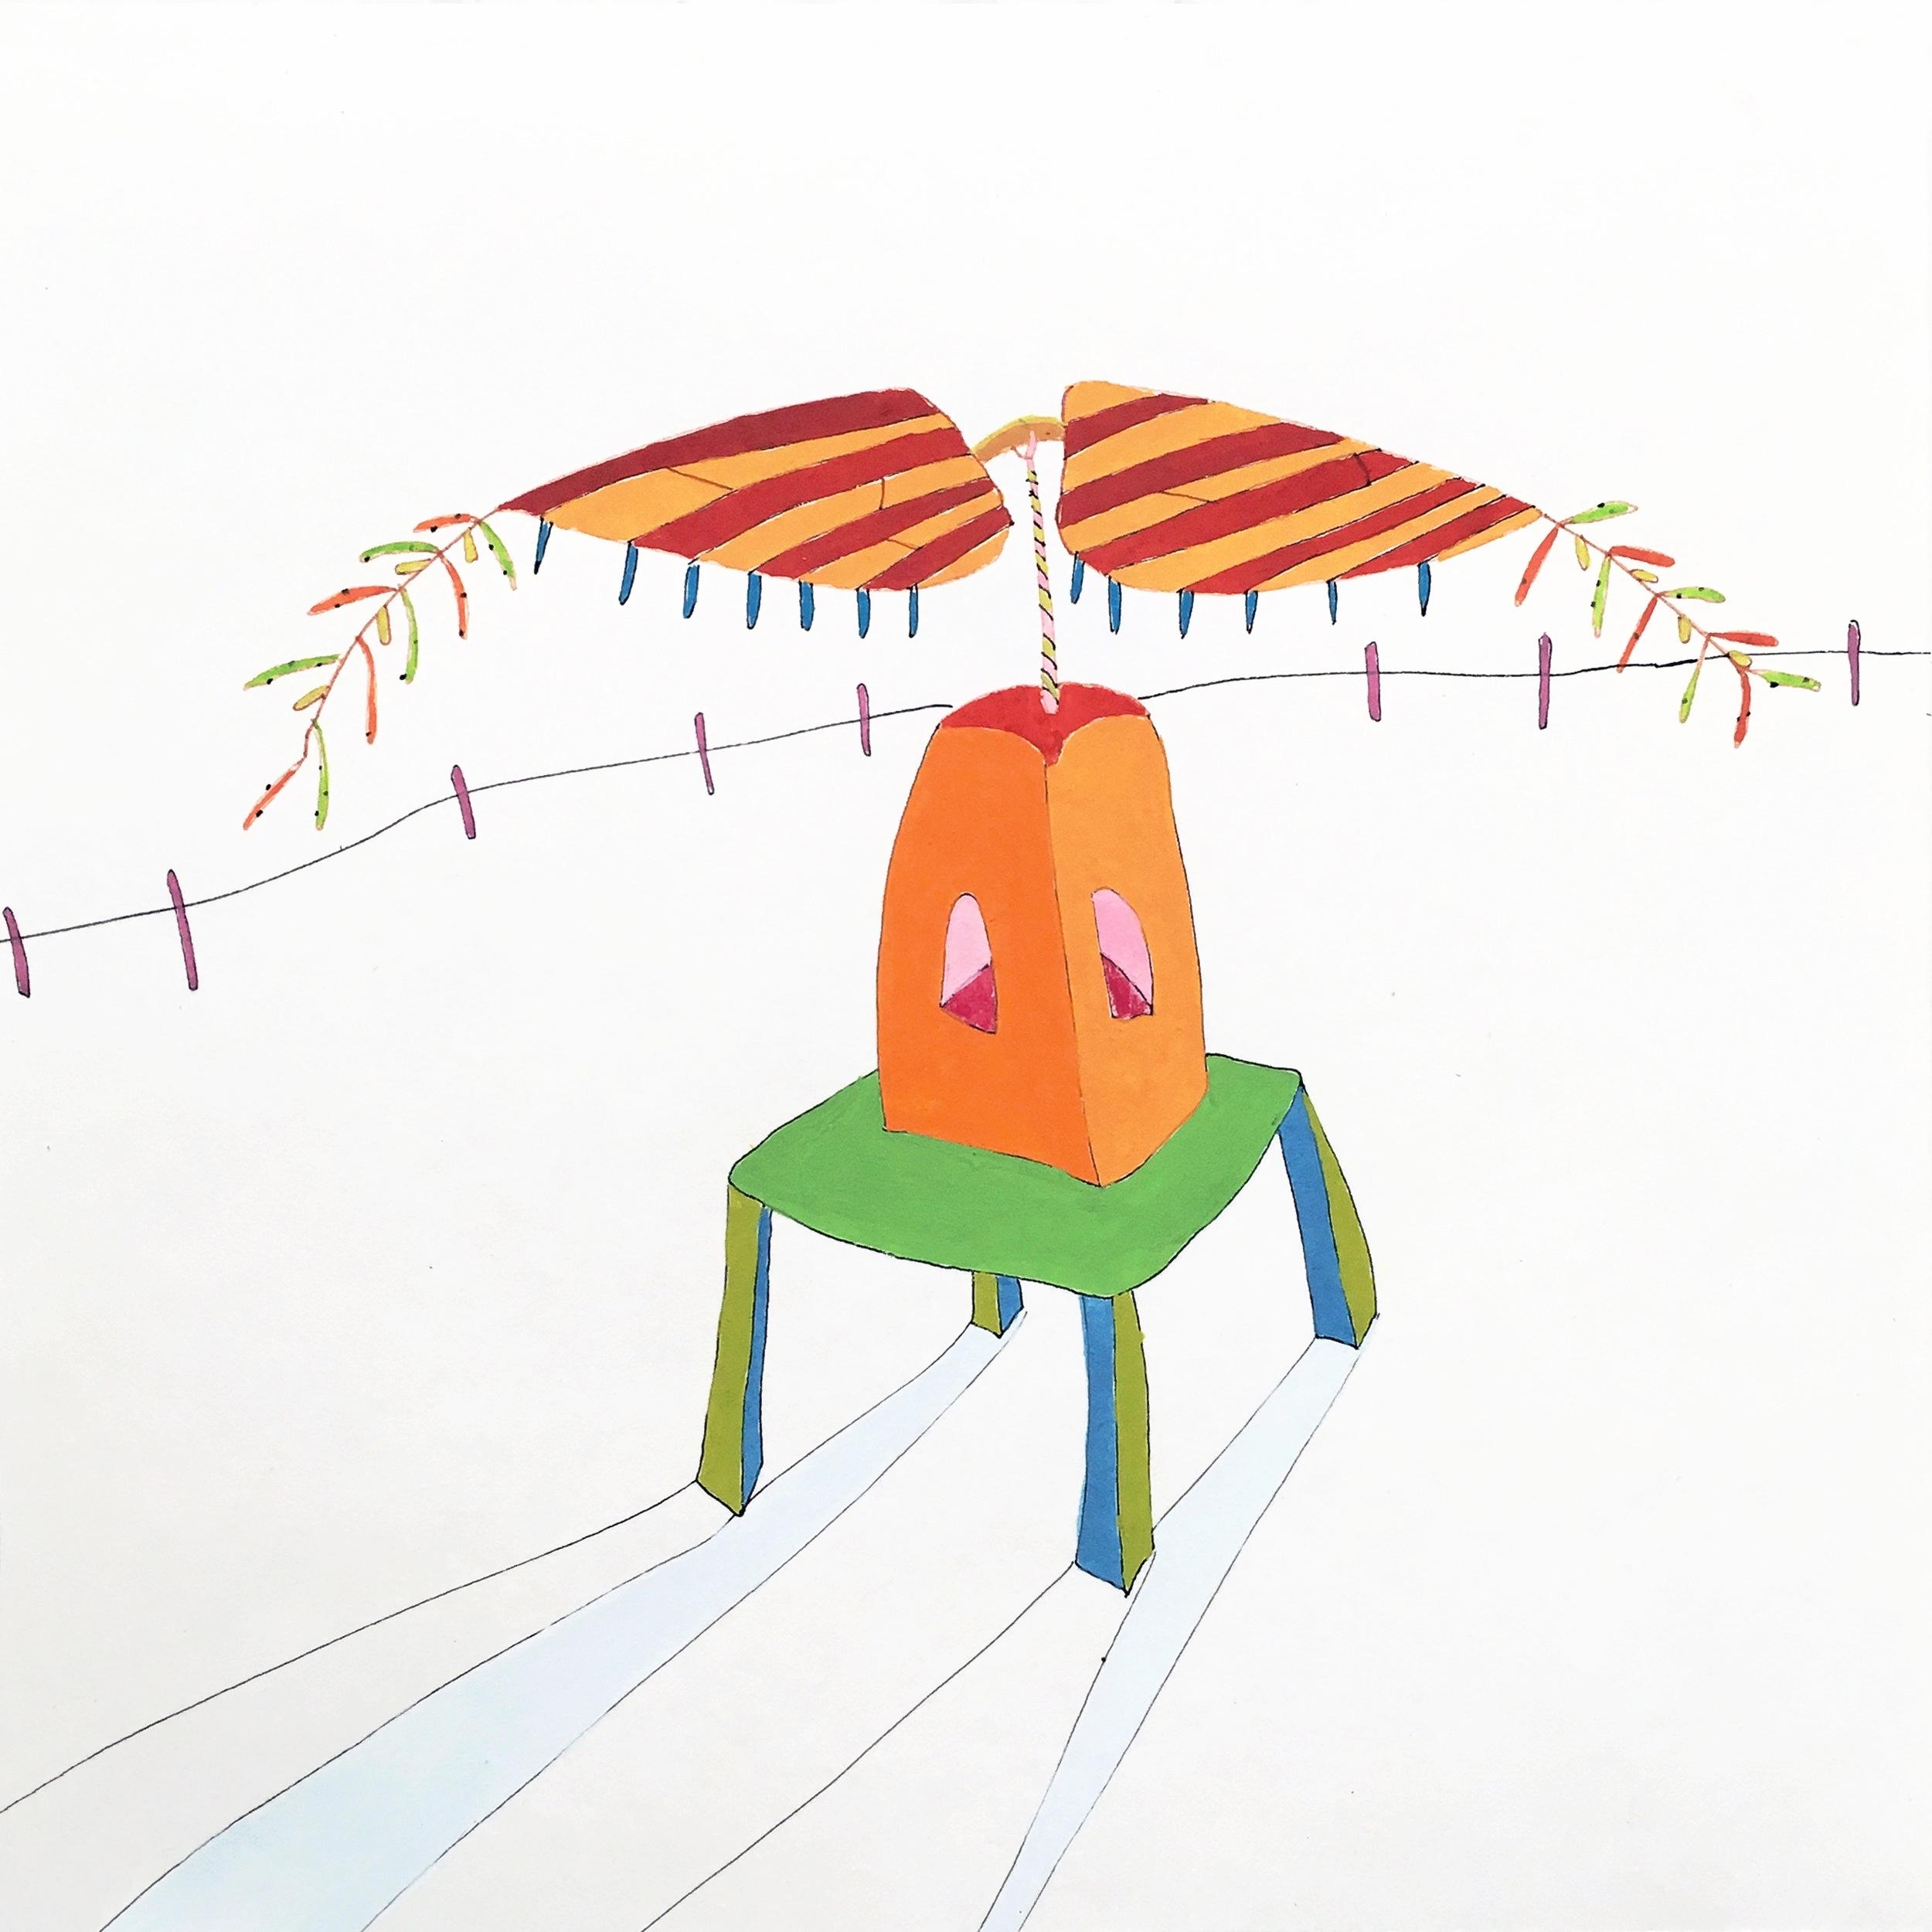 volando (sombras), 2017